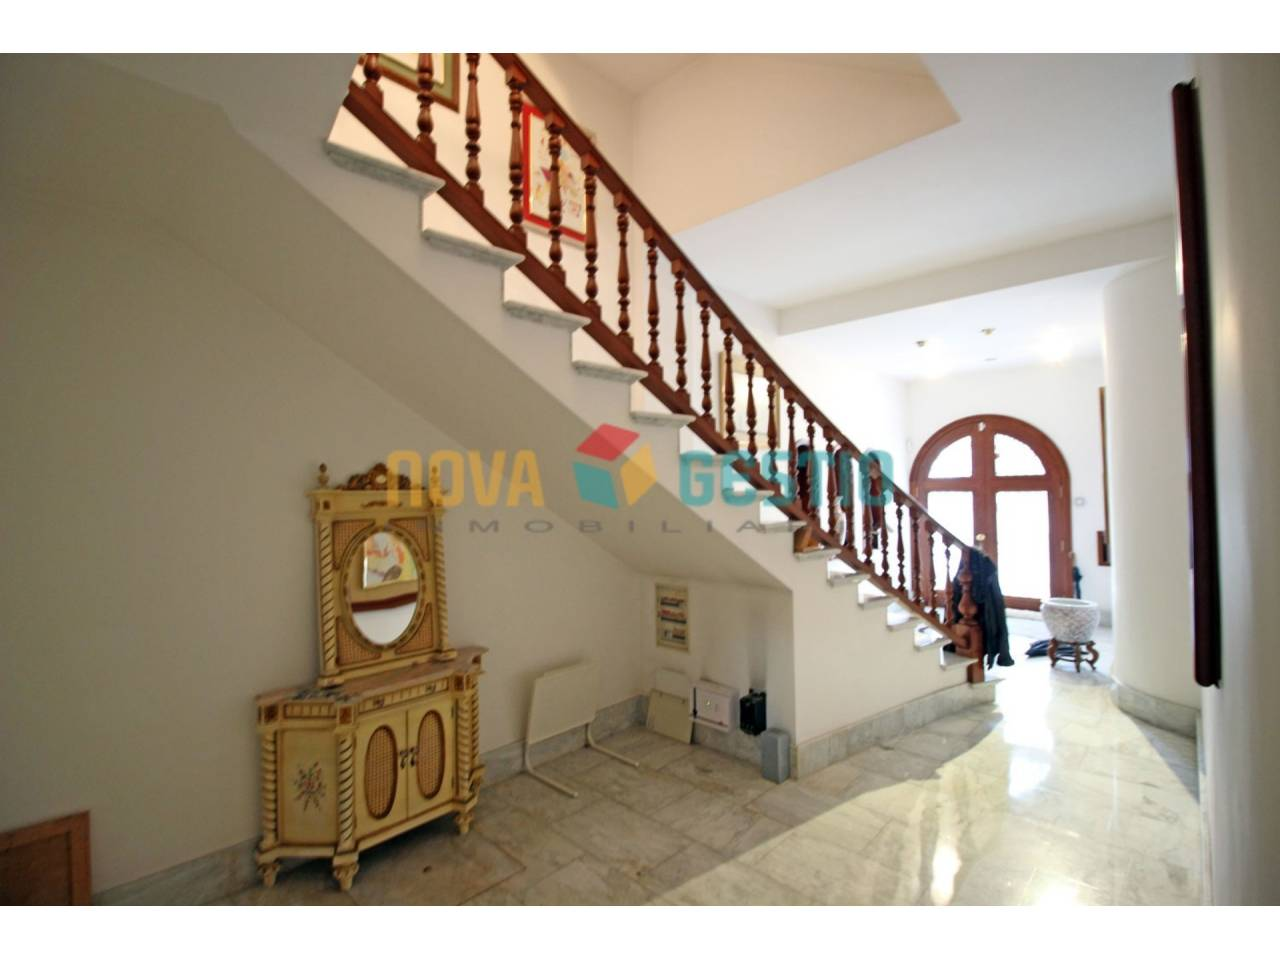 Edifici  Manacor. ¡ideal para inversores! edificio en venta en manacor, compuesto